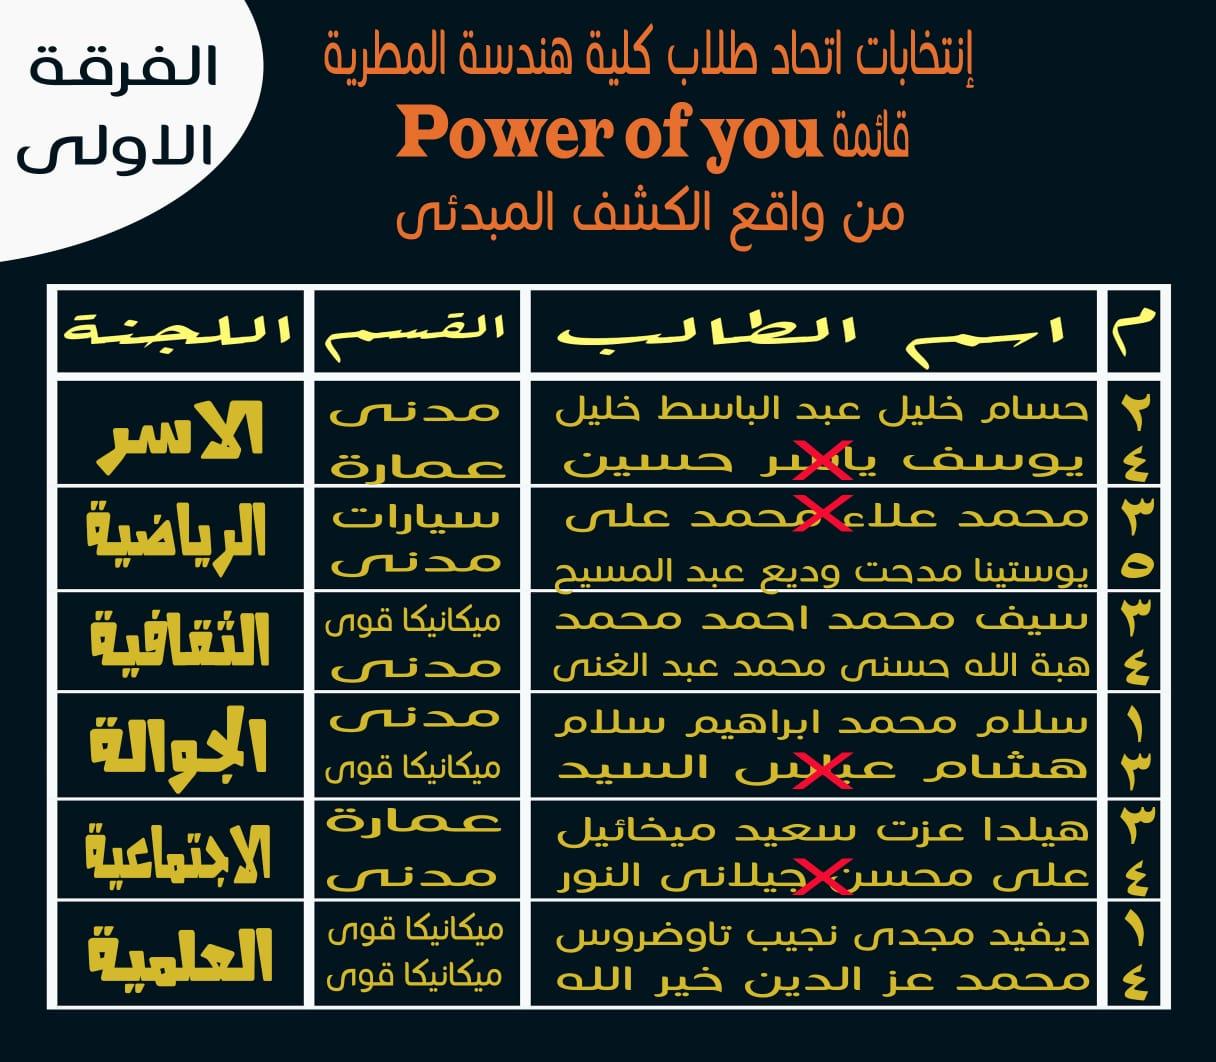 أعضاء قائمة power of you (5)